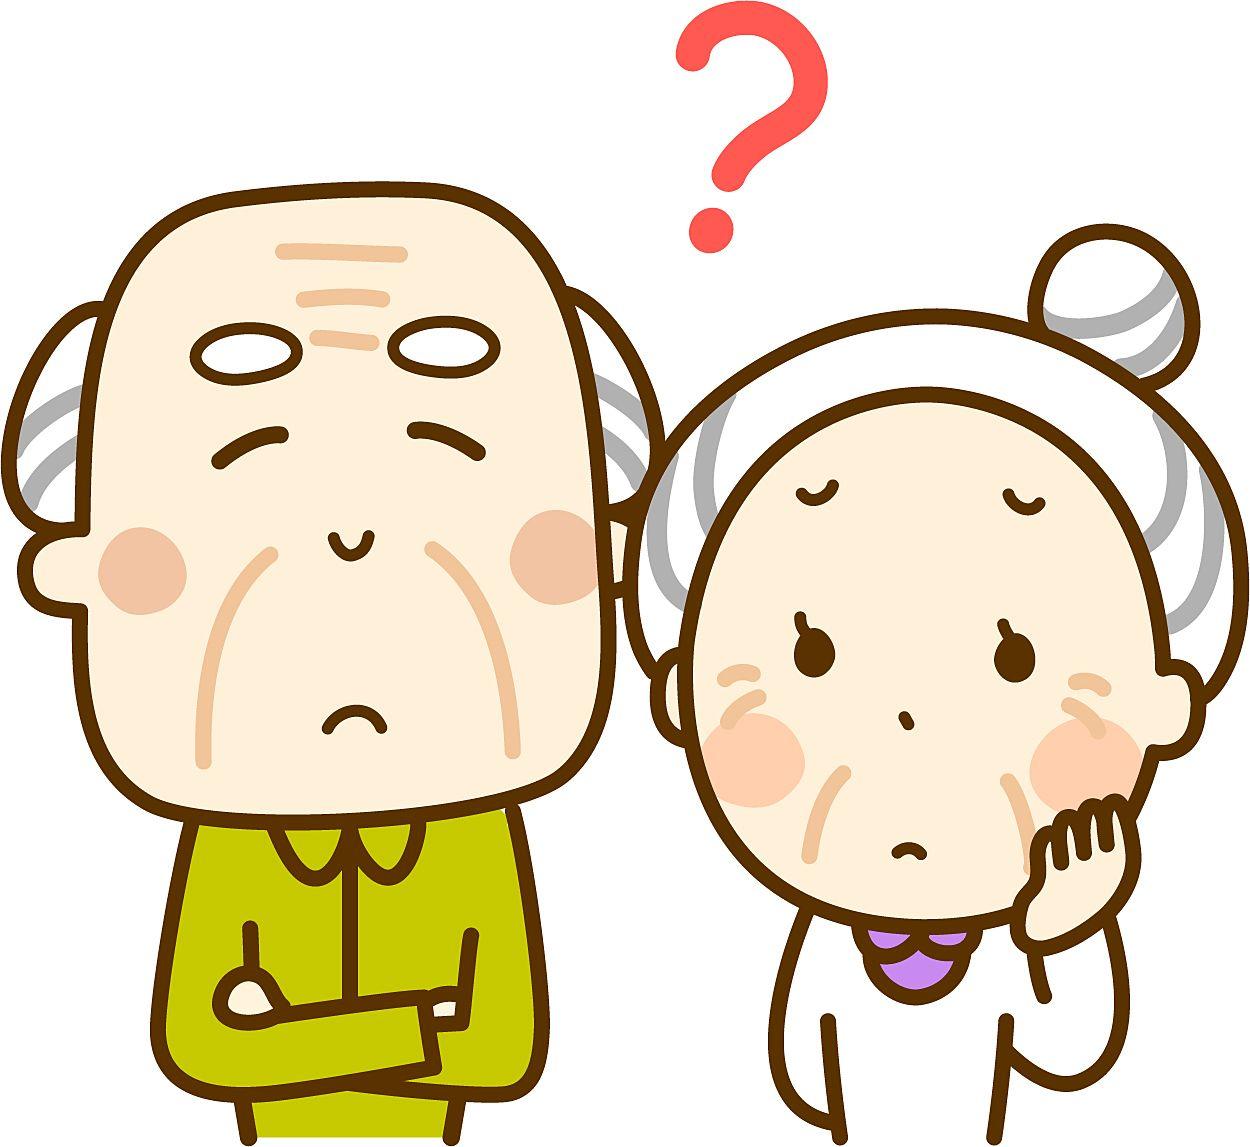 認知症の高齢者と不動産売買の注意点